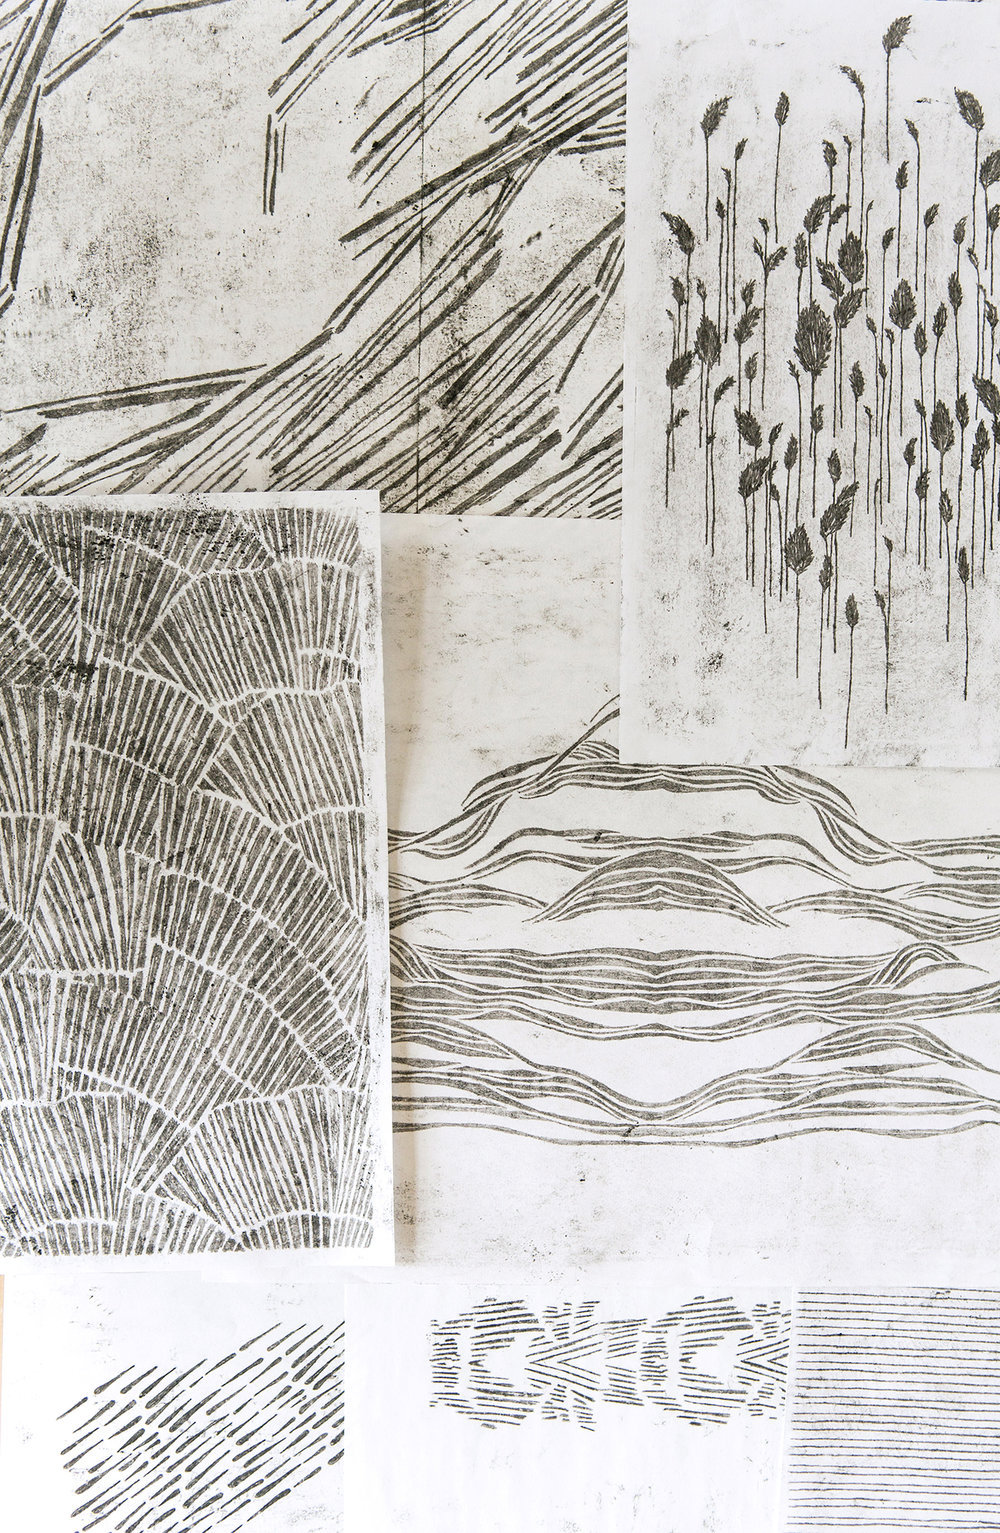 FAYCE_drawings2.jpg